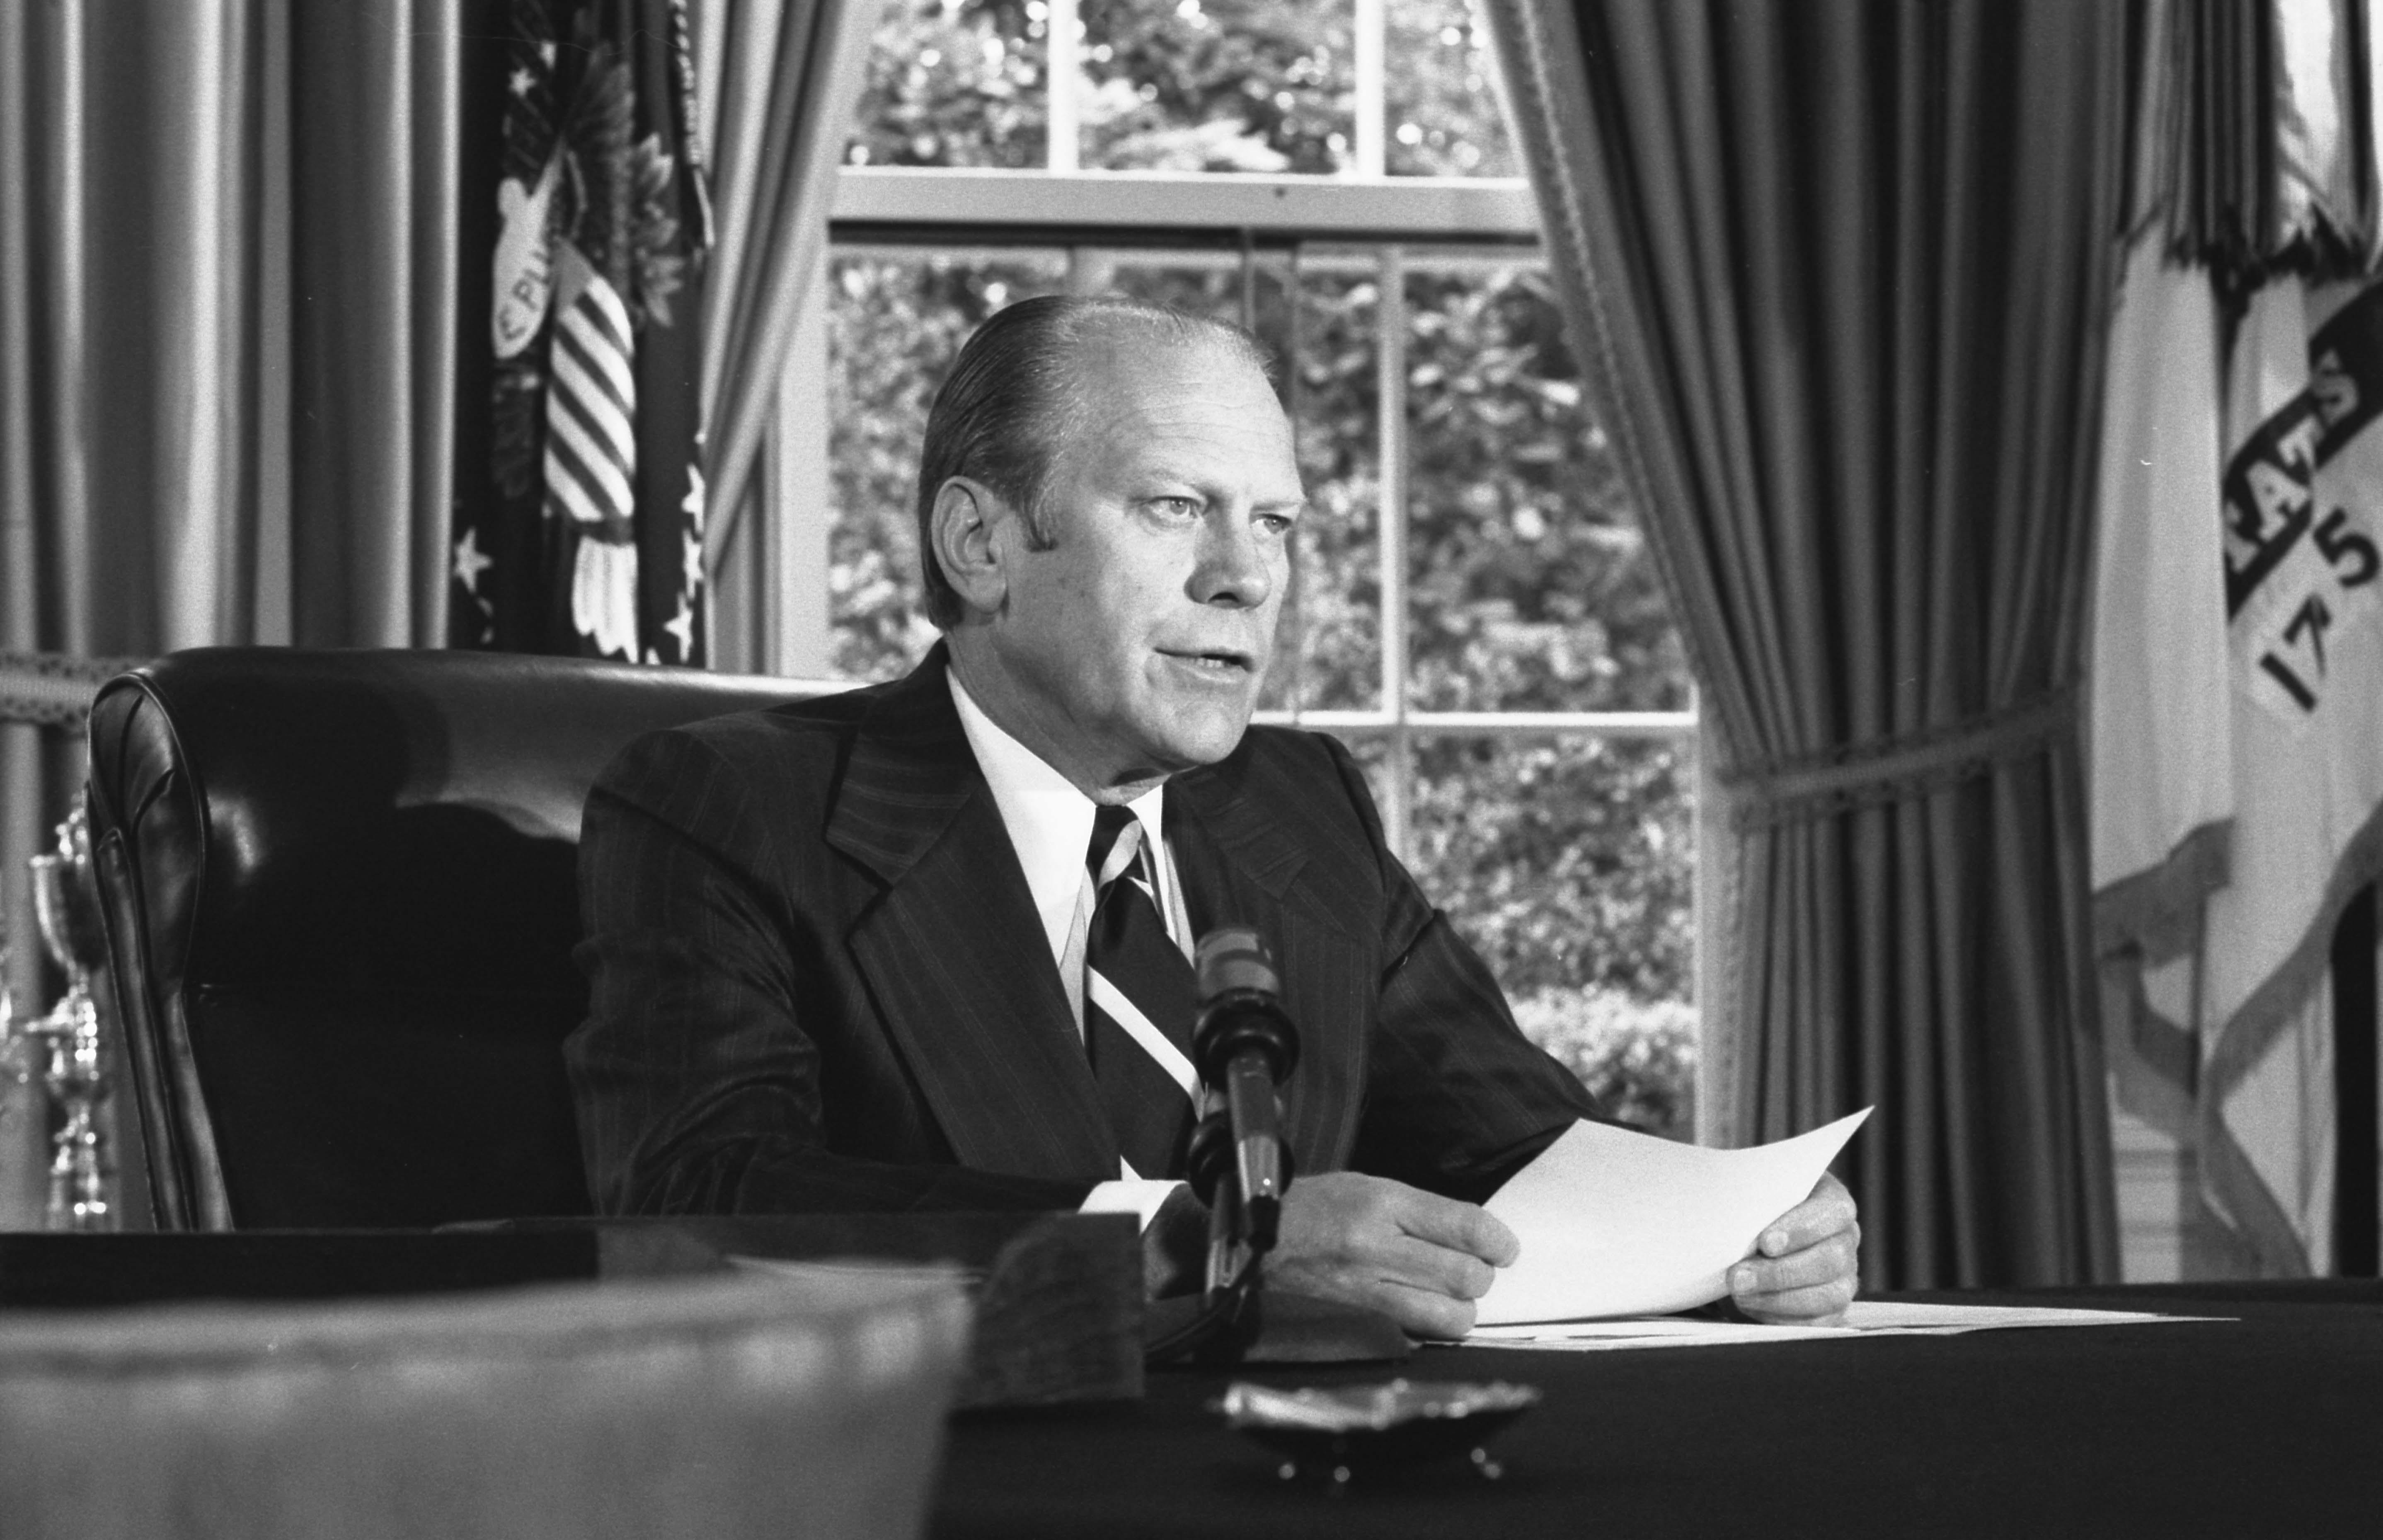 President_Ford_announces_his_decision_to_pardon_former_President_Richard_Nixon_-_NARA_-_7140608